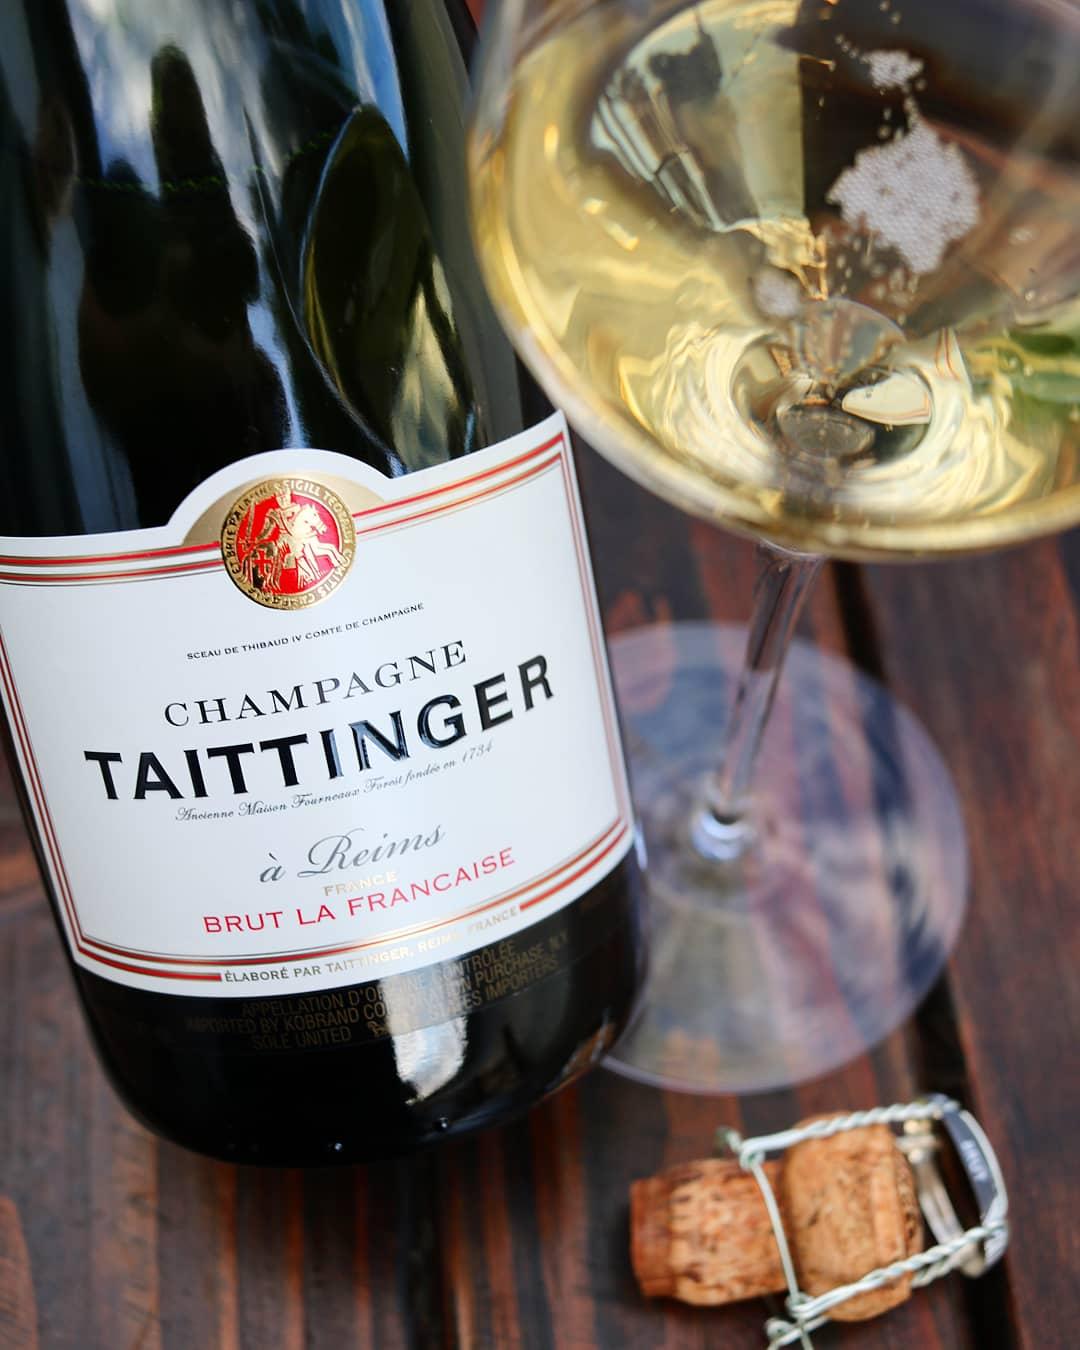 Champagne Taittinger.jpg